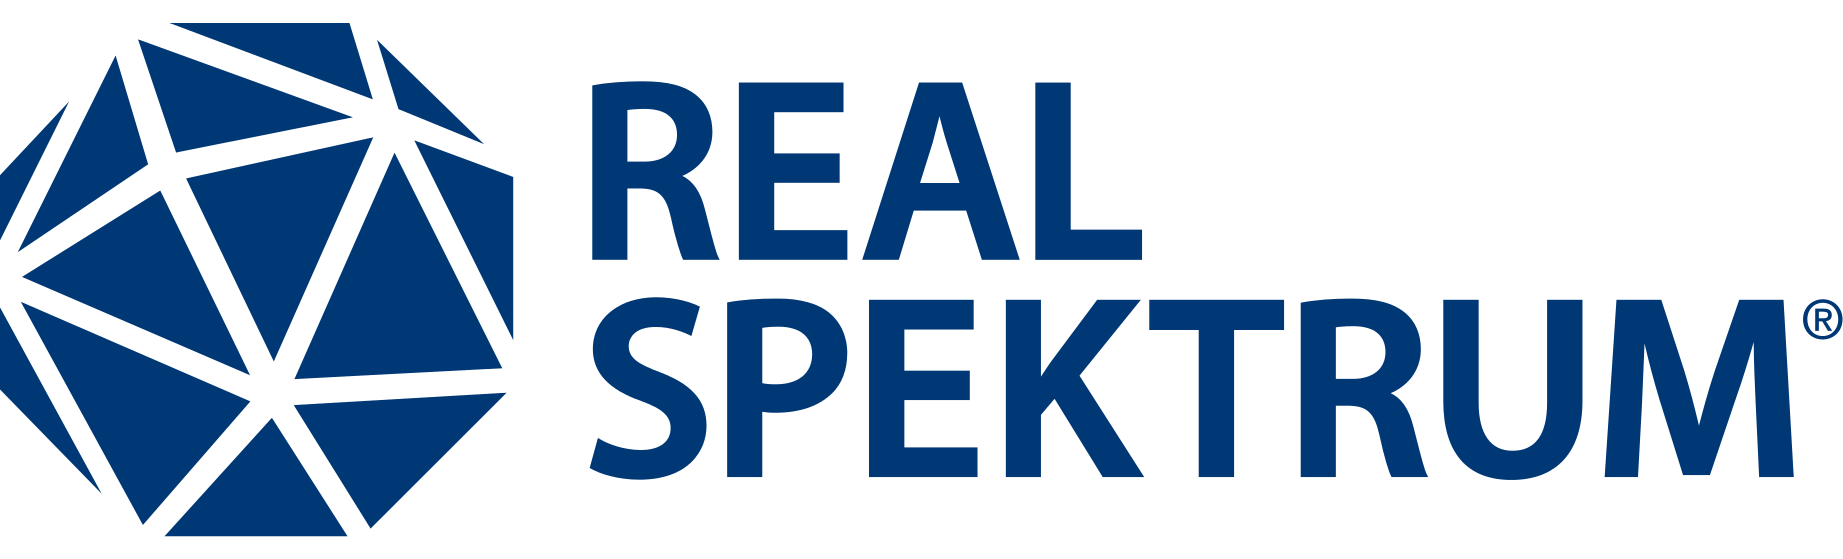 Realspektrum.cz